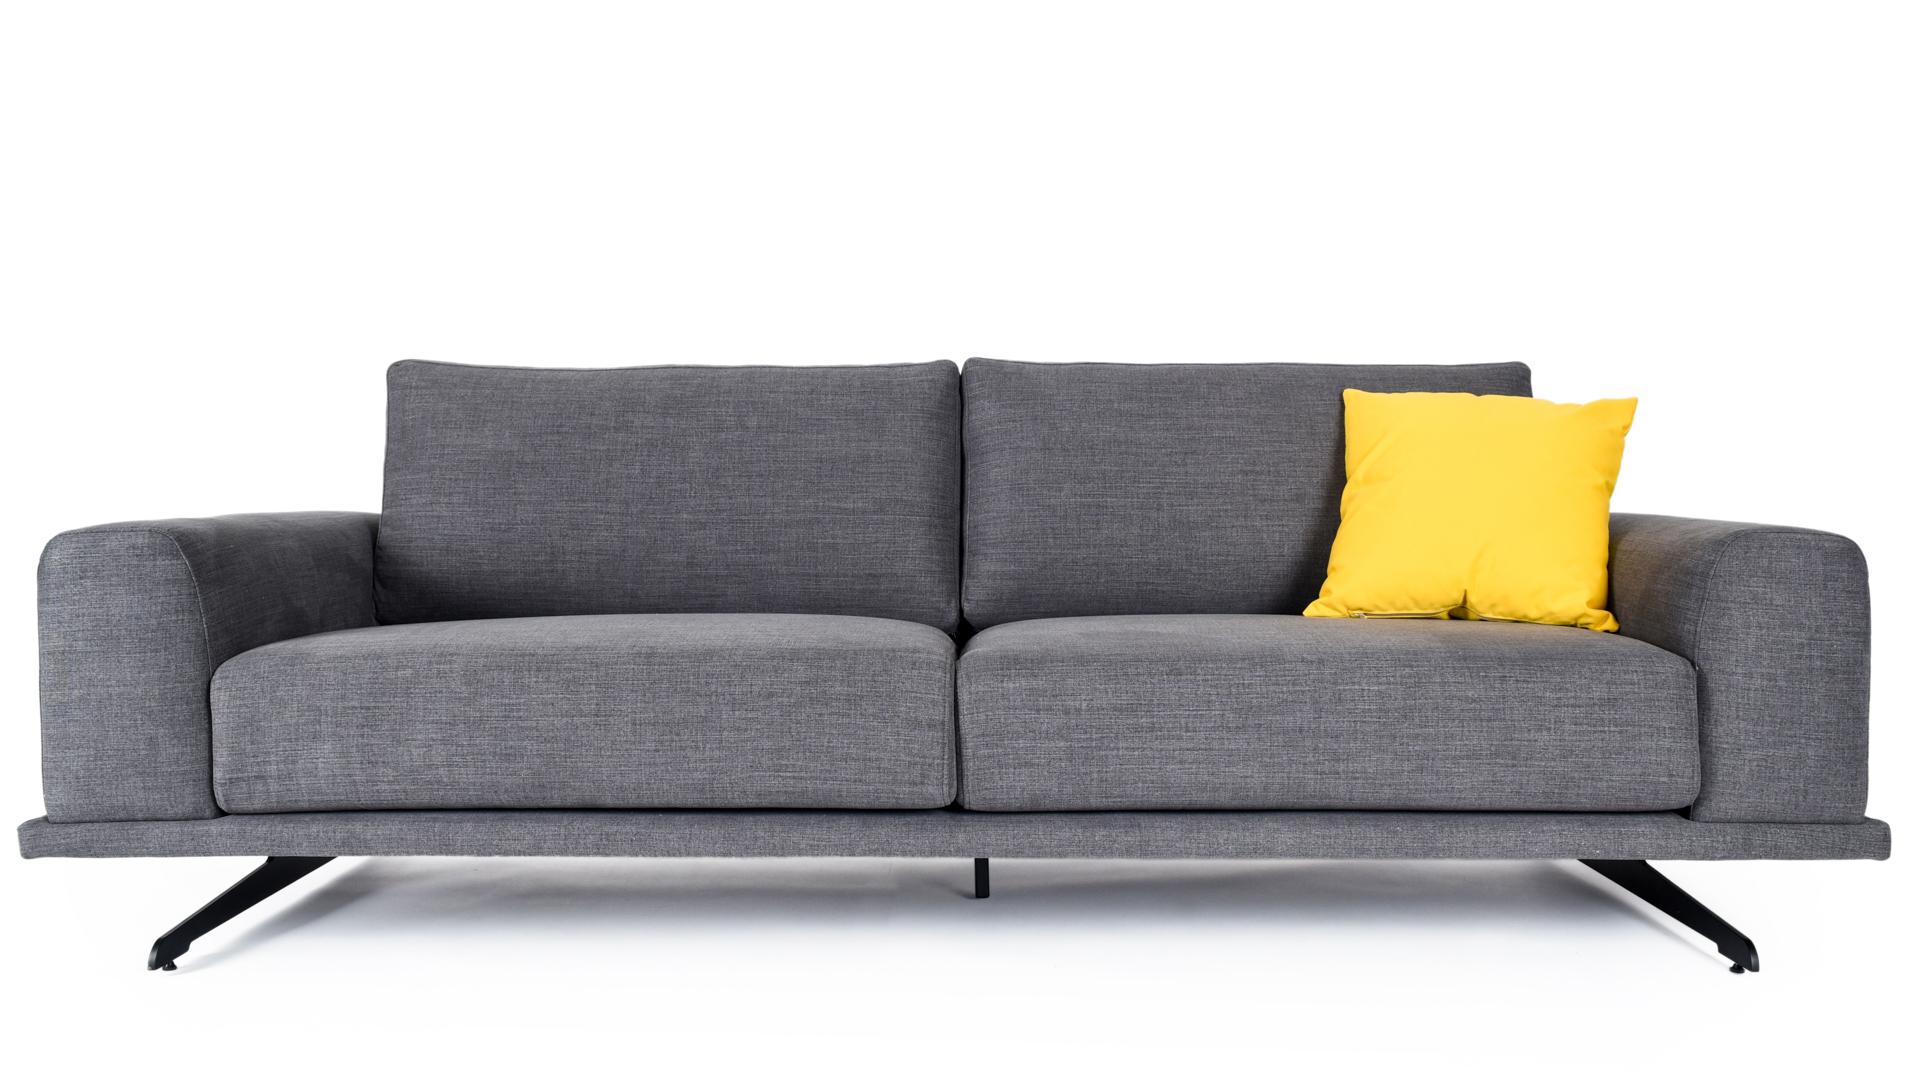 ספה מפנקת שיק מודרני לצד רכות מפנקת. ניתן להזמין בכל מידה בהתאמה אישית